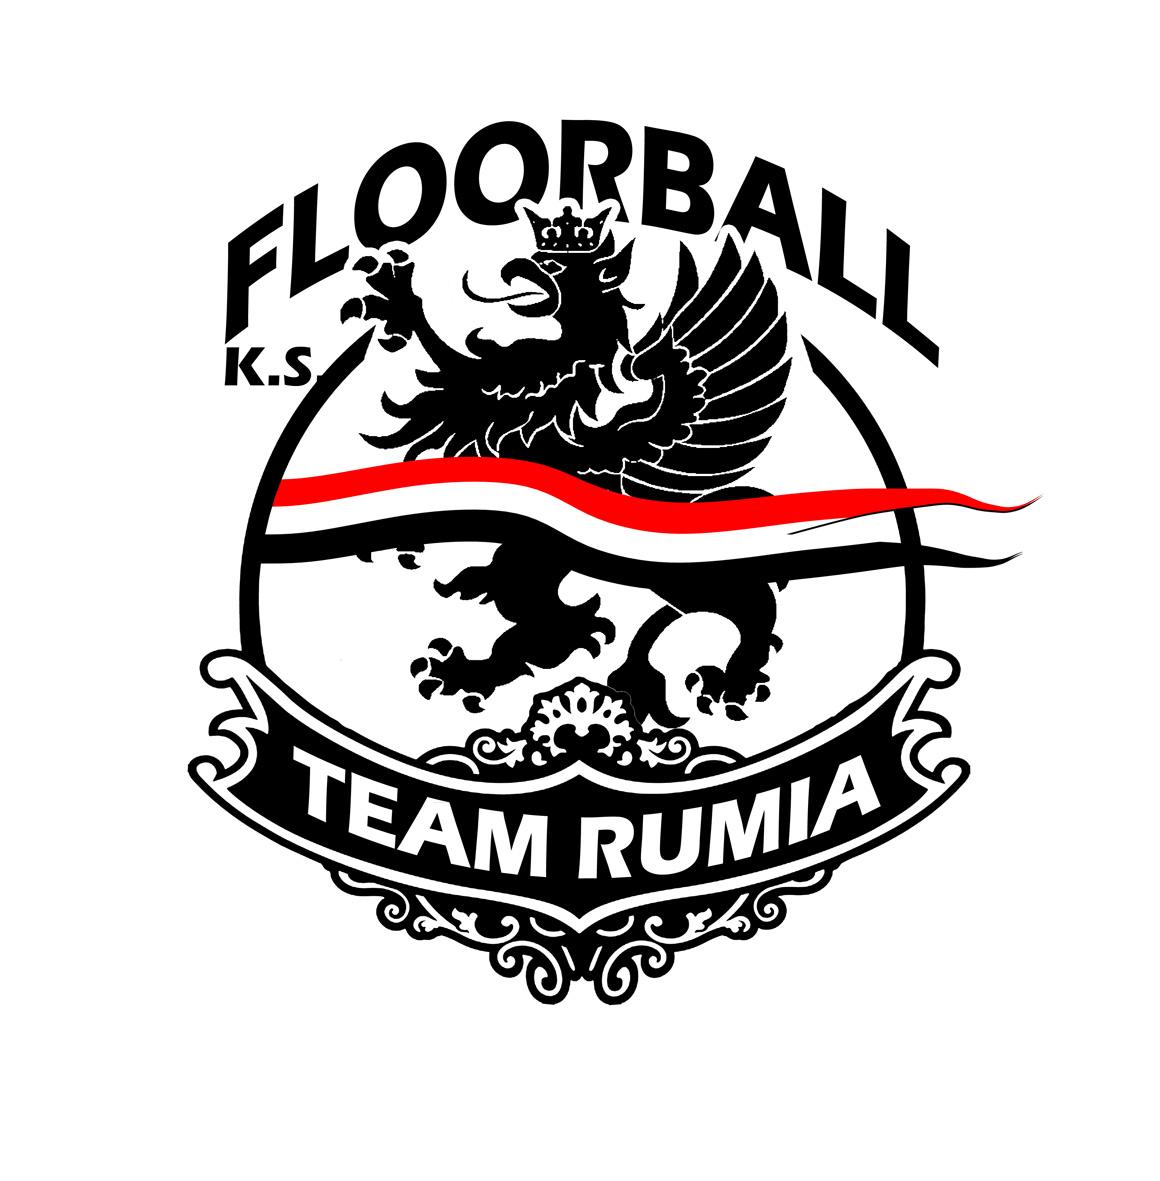 Floorball Team Rumia